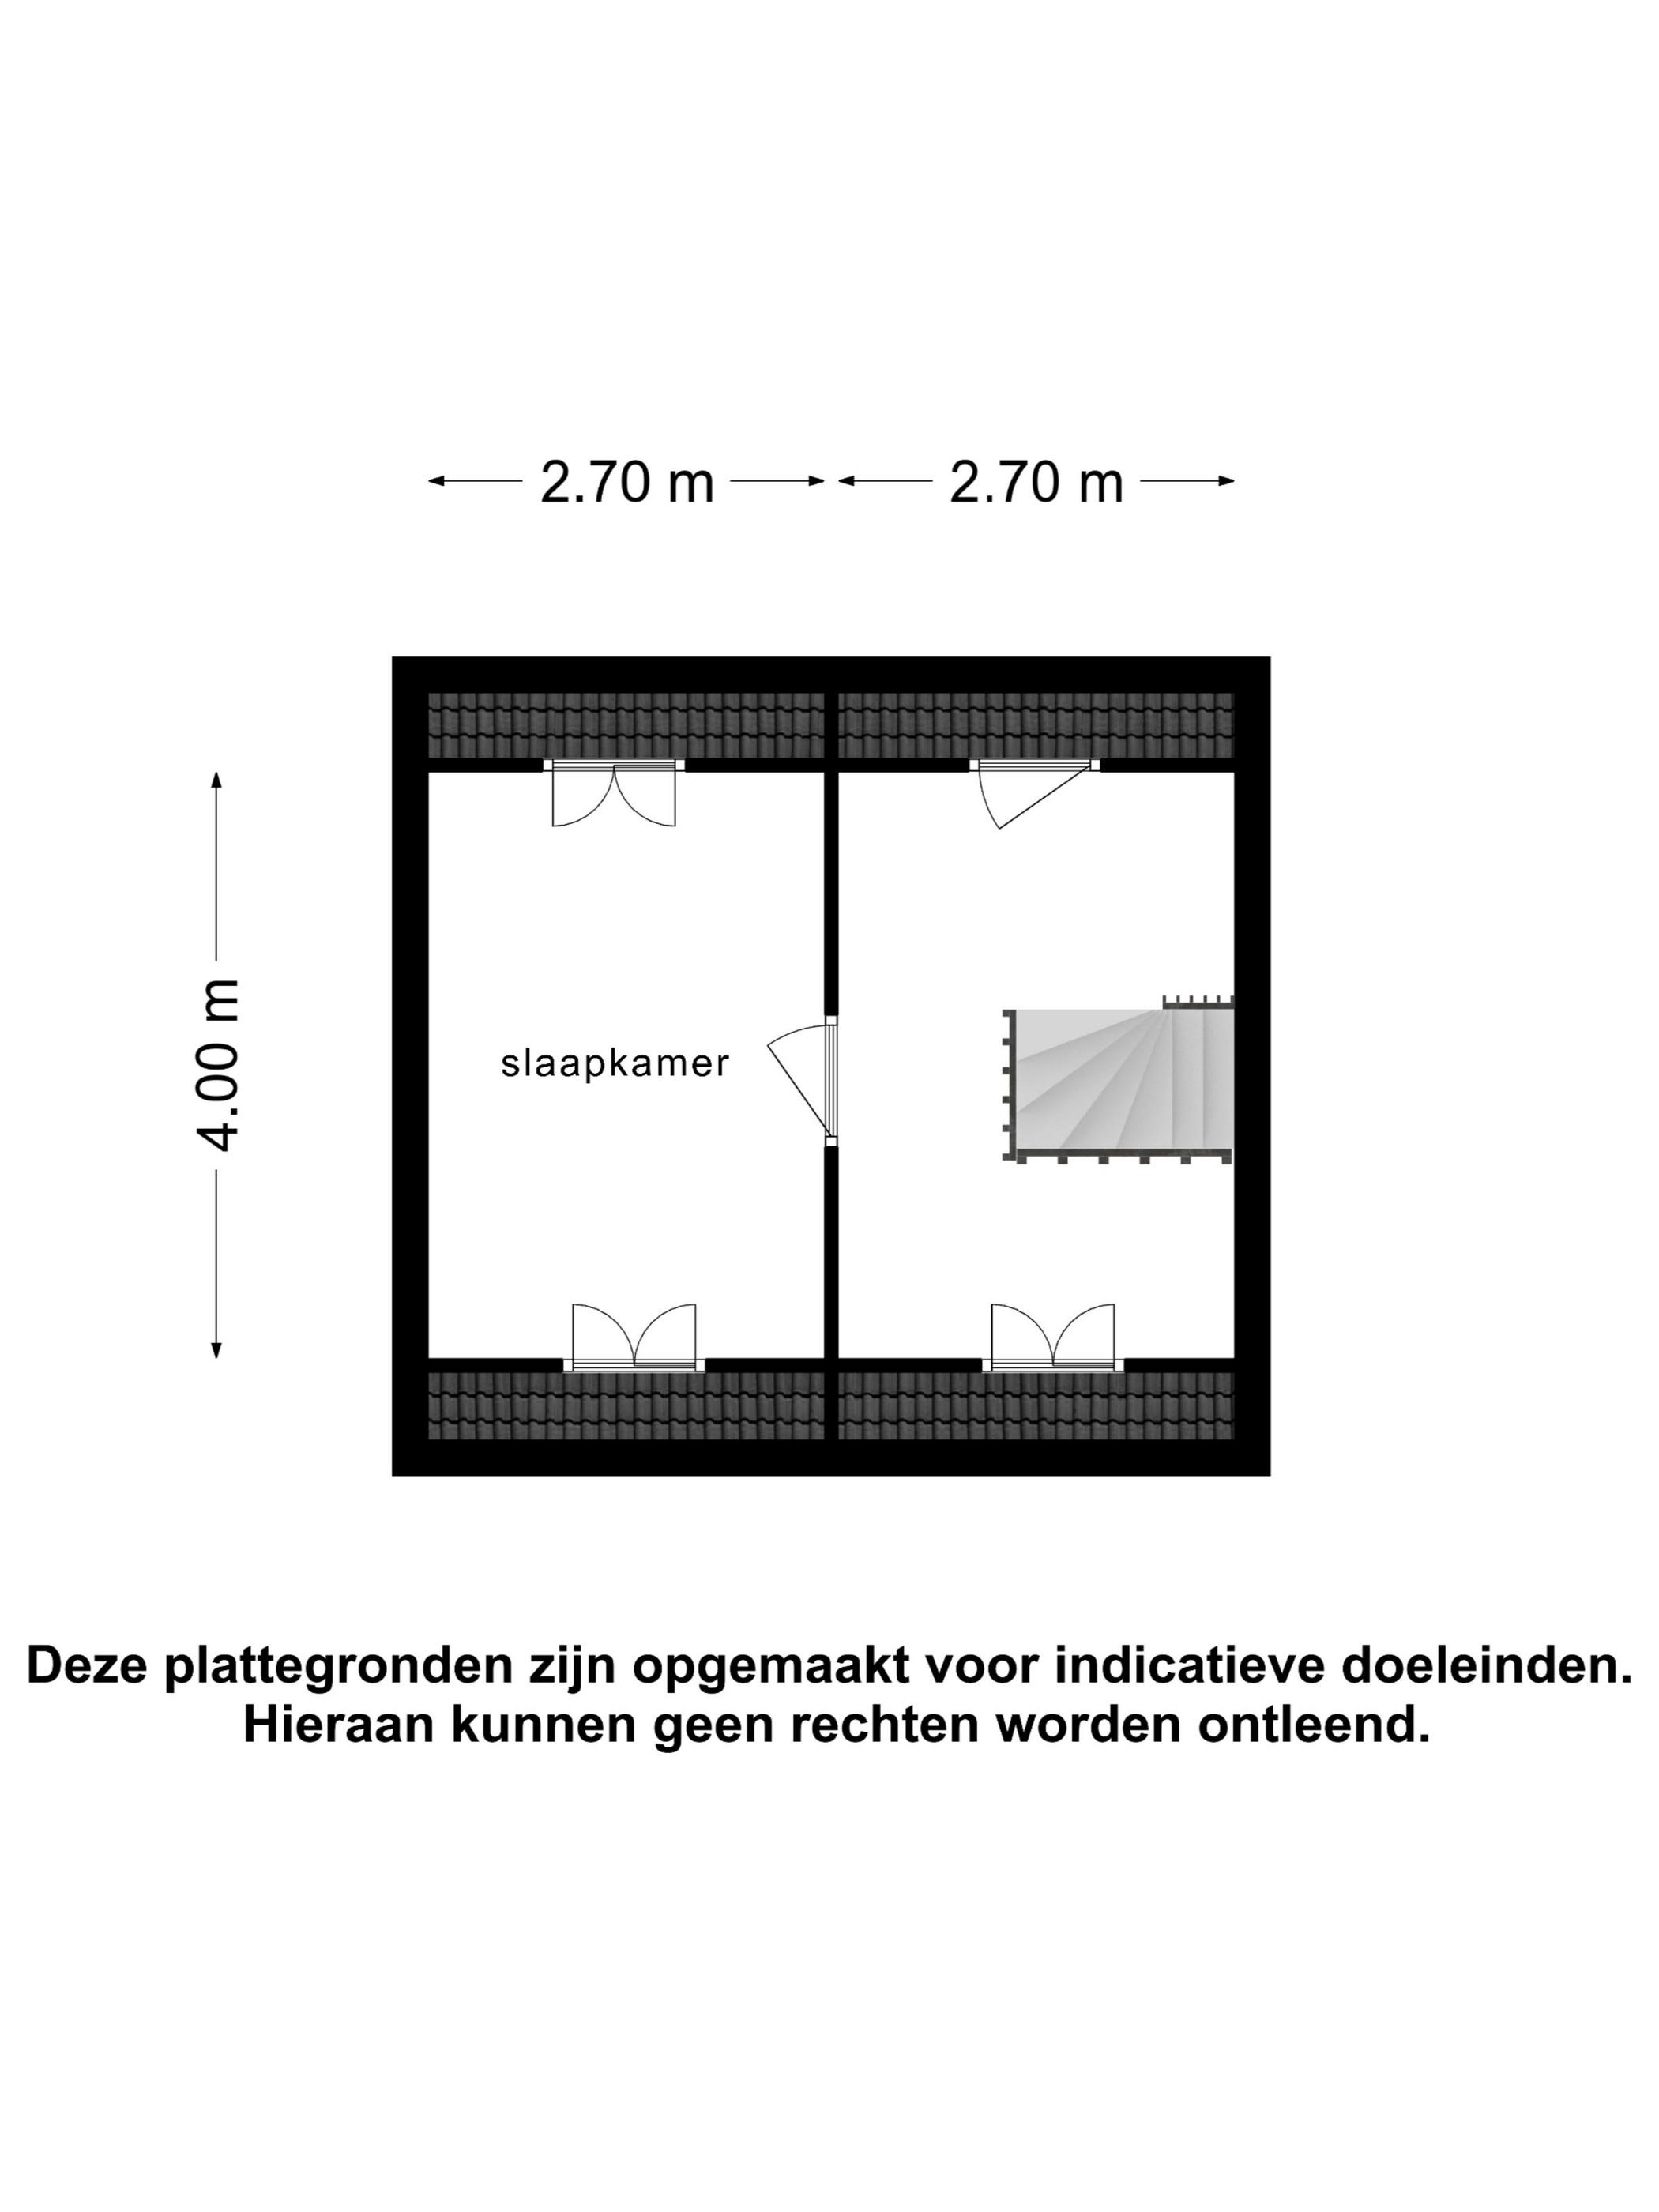 zeino-van-burmaniastrjitte-15-oppenhuizen-plattegrond-66